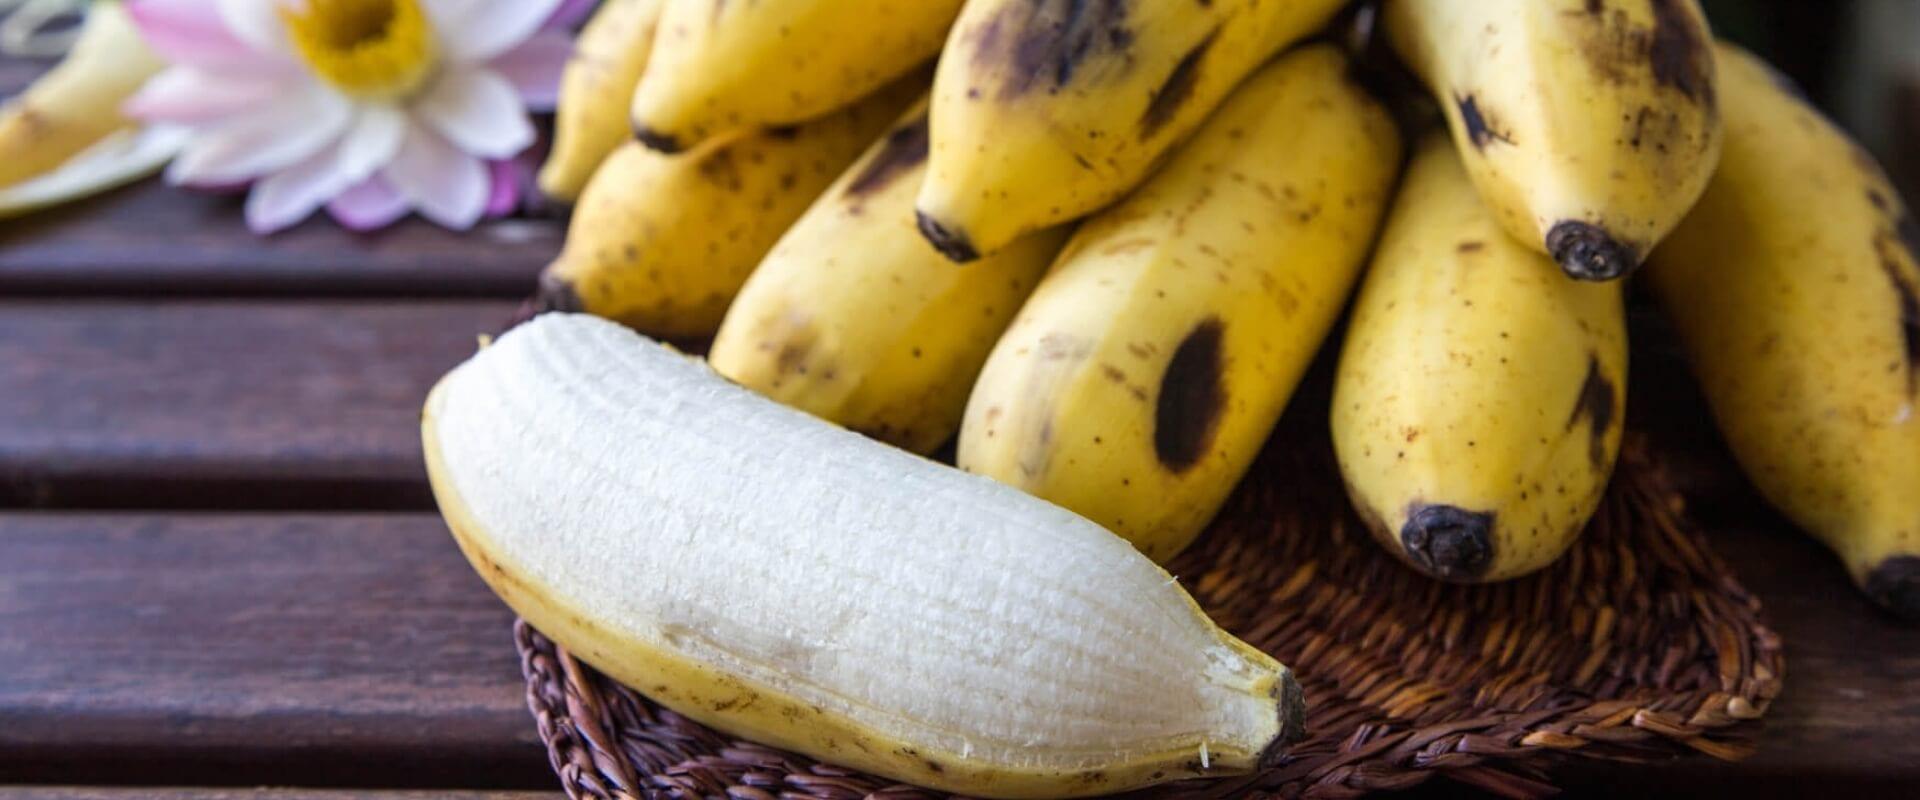 Banane - süßes Lieblingsobst